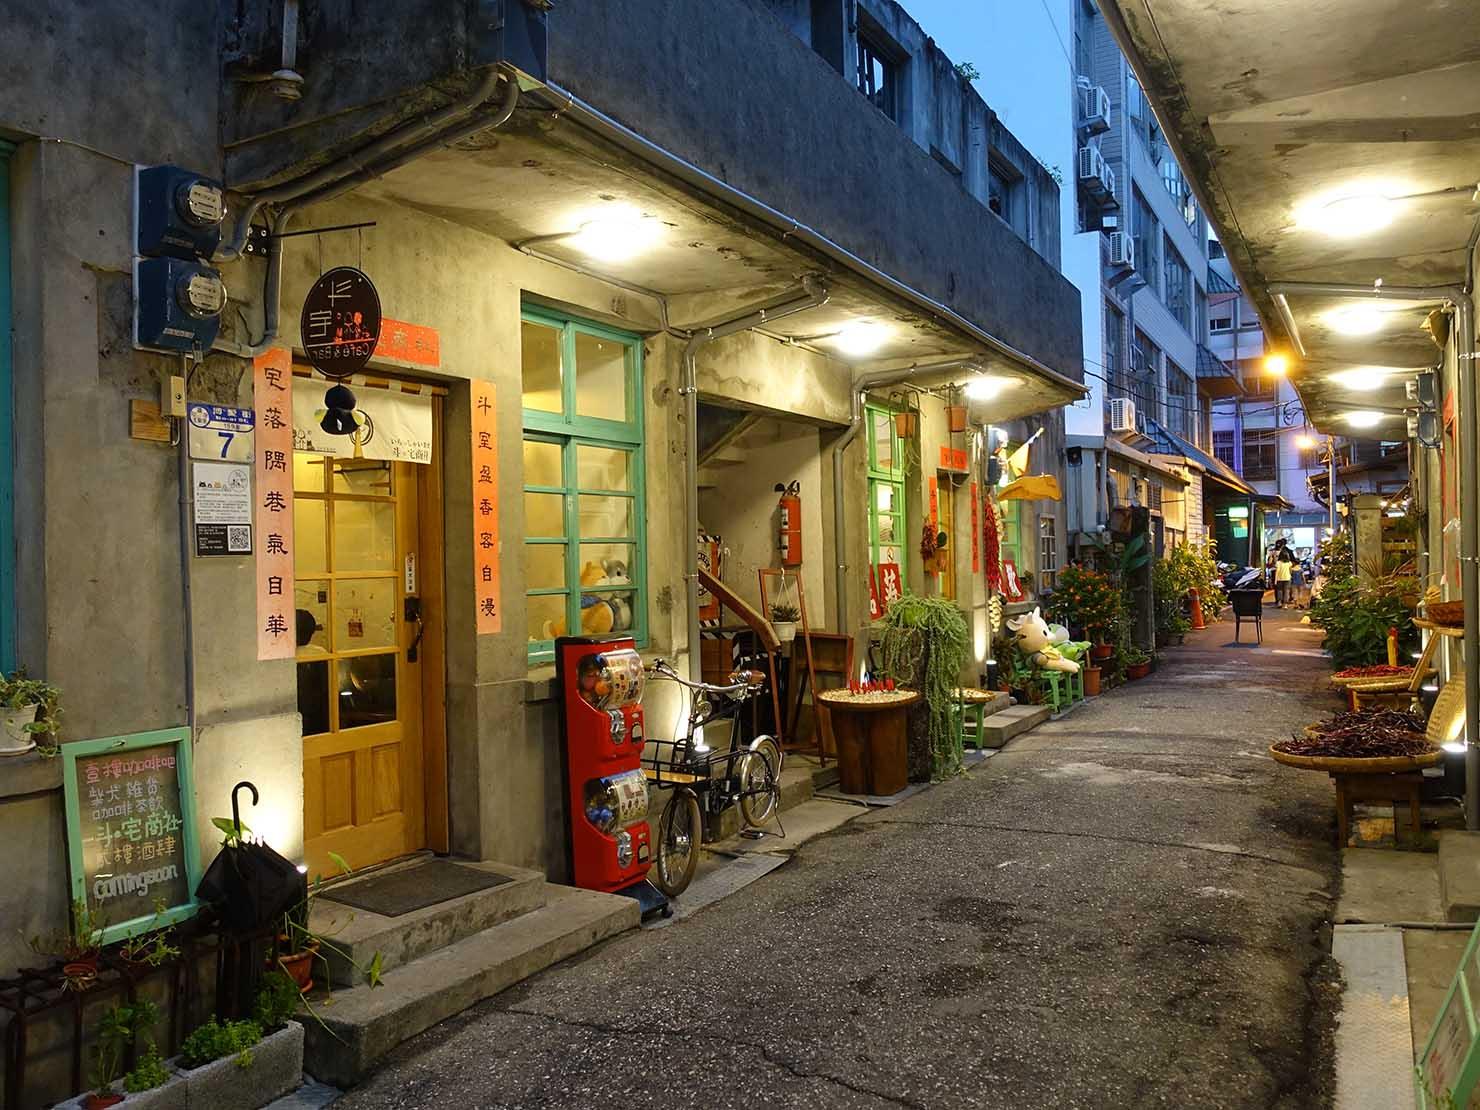 花蓮市街の有名観光スポット「博愛街」にあるおしゃれな袋小路